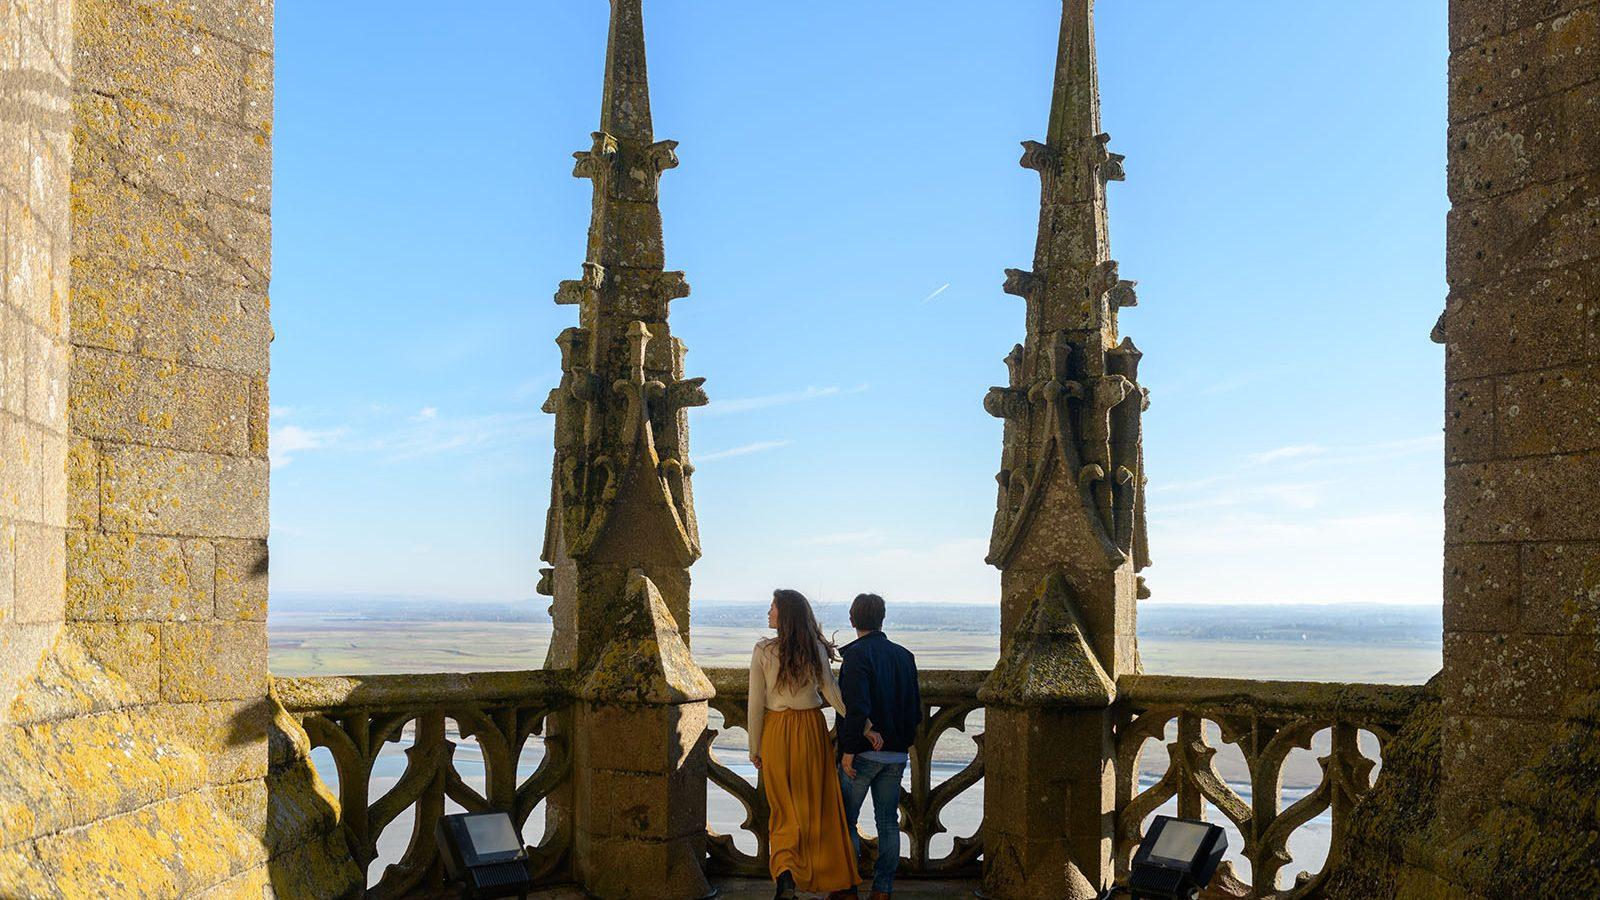 Sehenswertes Und Highlights Normandie Urlaub Frankreich